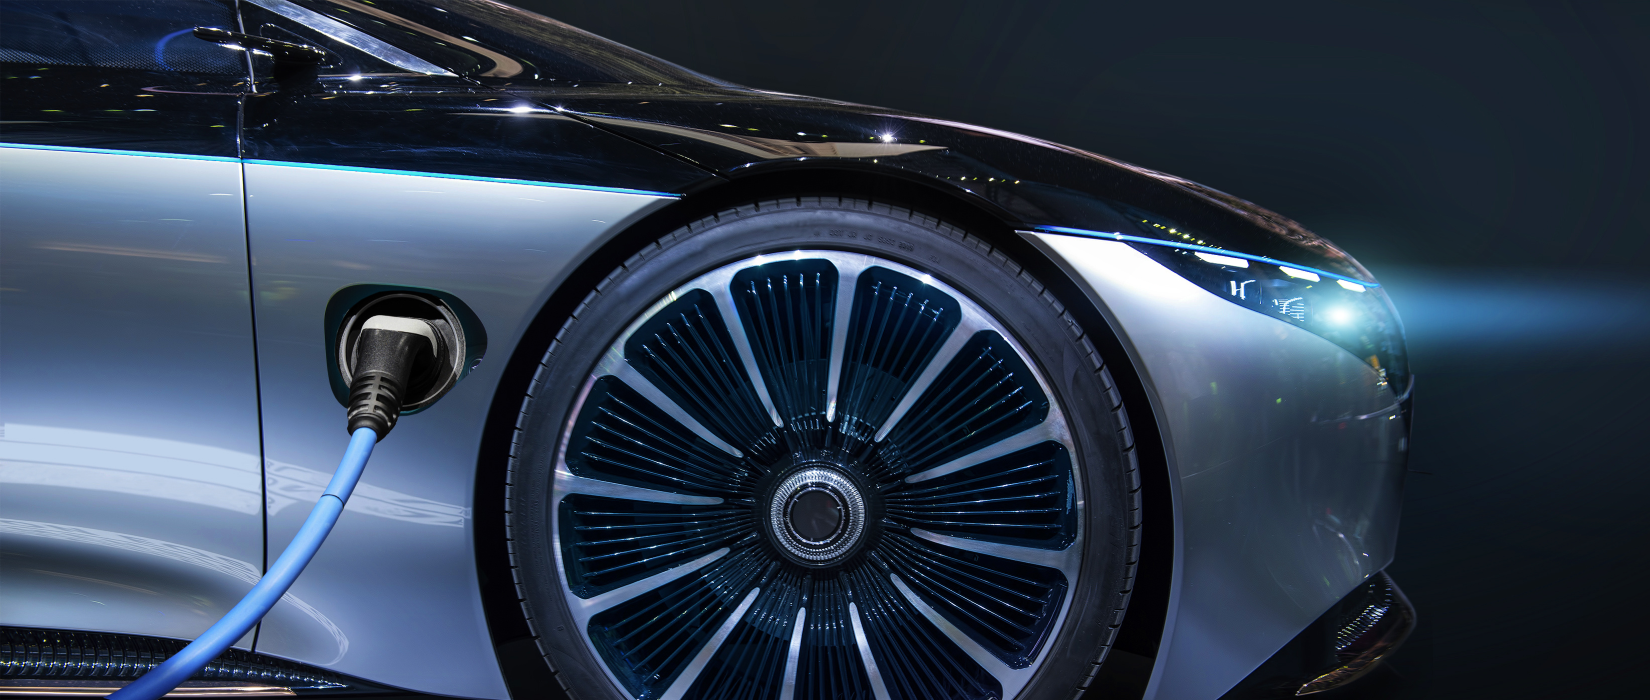 Wachstumsmarkt Elektrofahrzeuge: Für diese 3 Aktien dürfte dieser Megatrend ein Segen sein